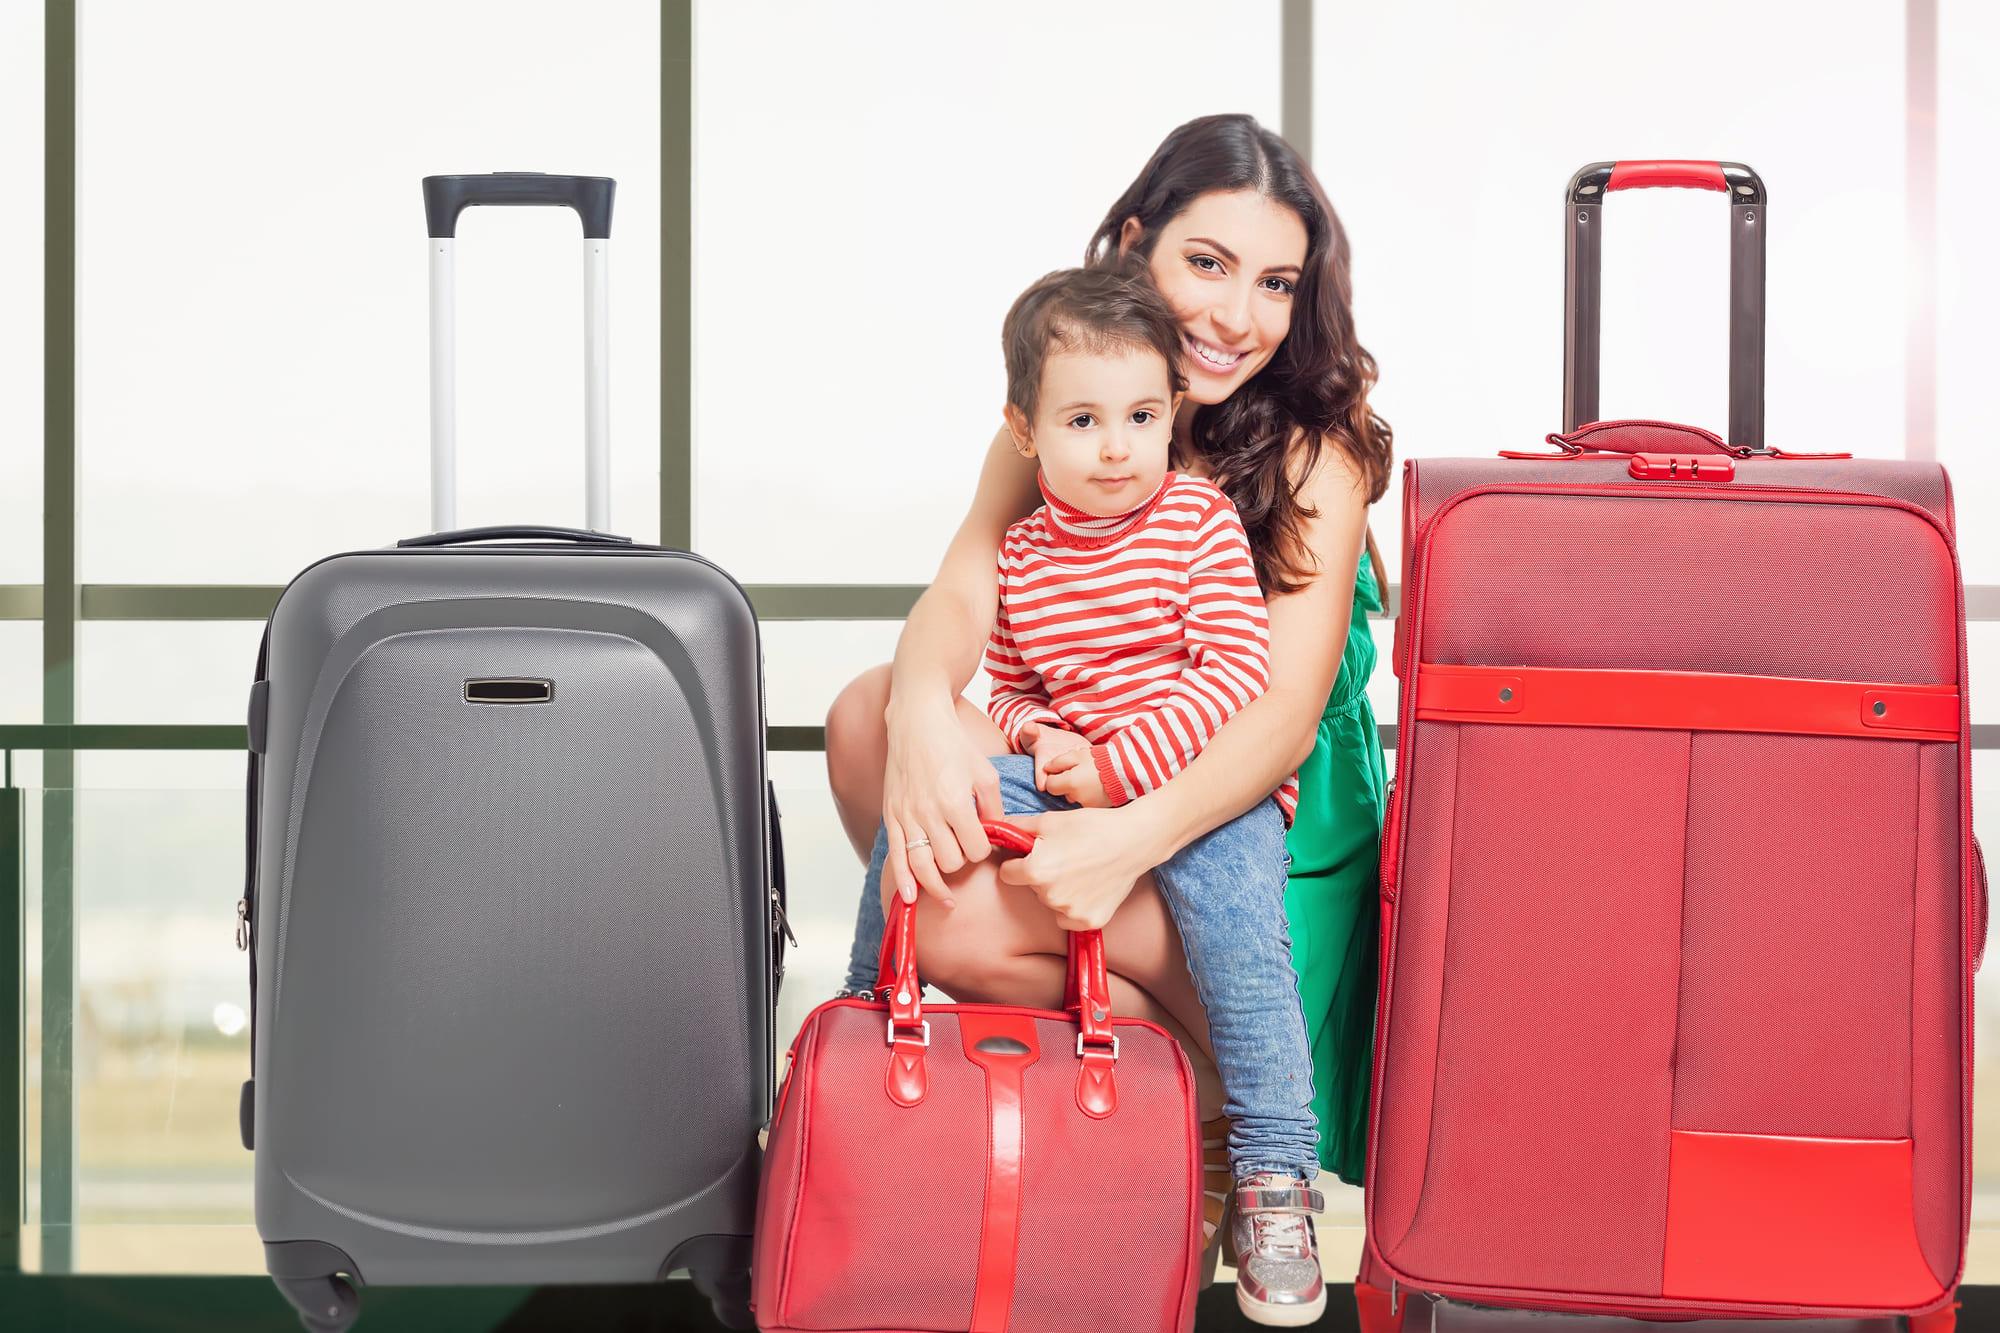 ביטוחים לנסיעות לחוץ לארץ - כל המידע